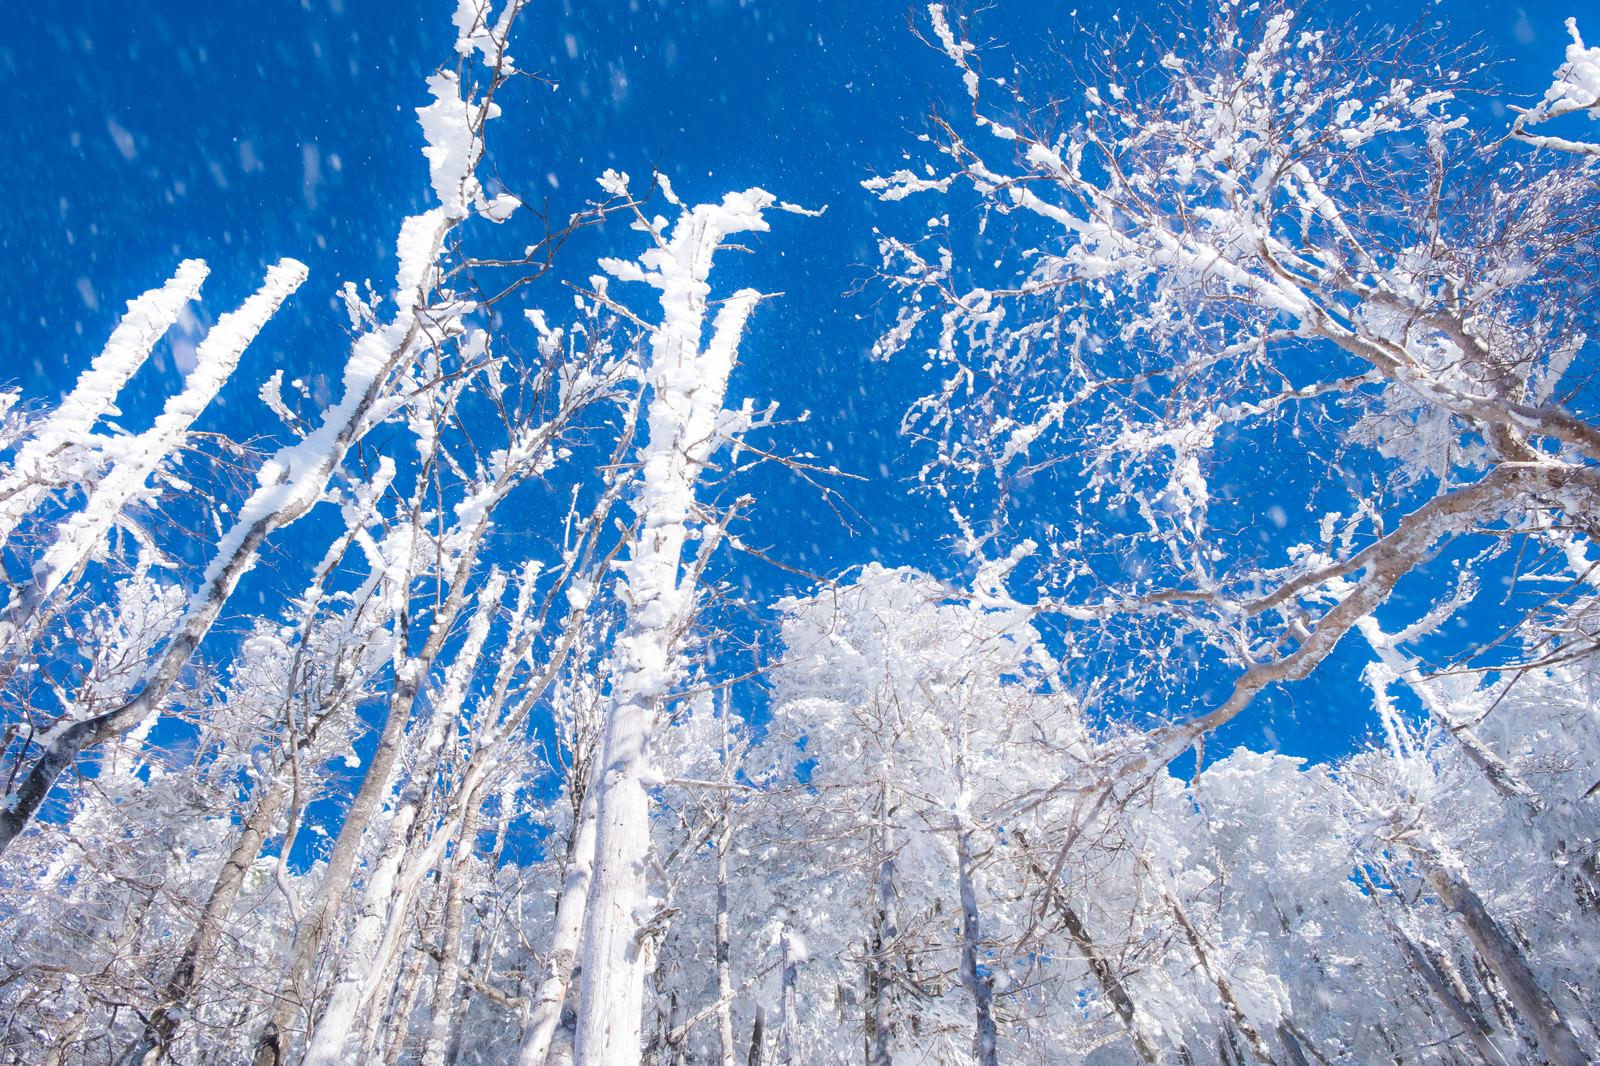 「八ヶ岳ブルーに舞い上がる霧氷の雪」の写真